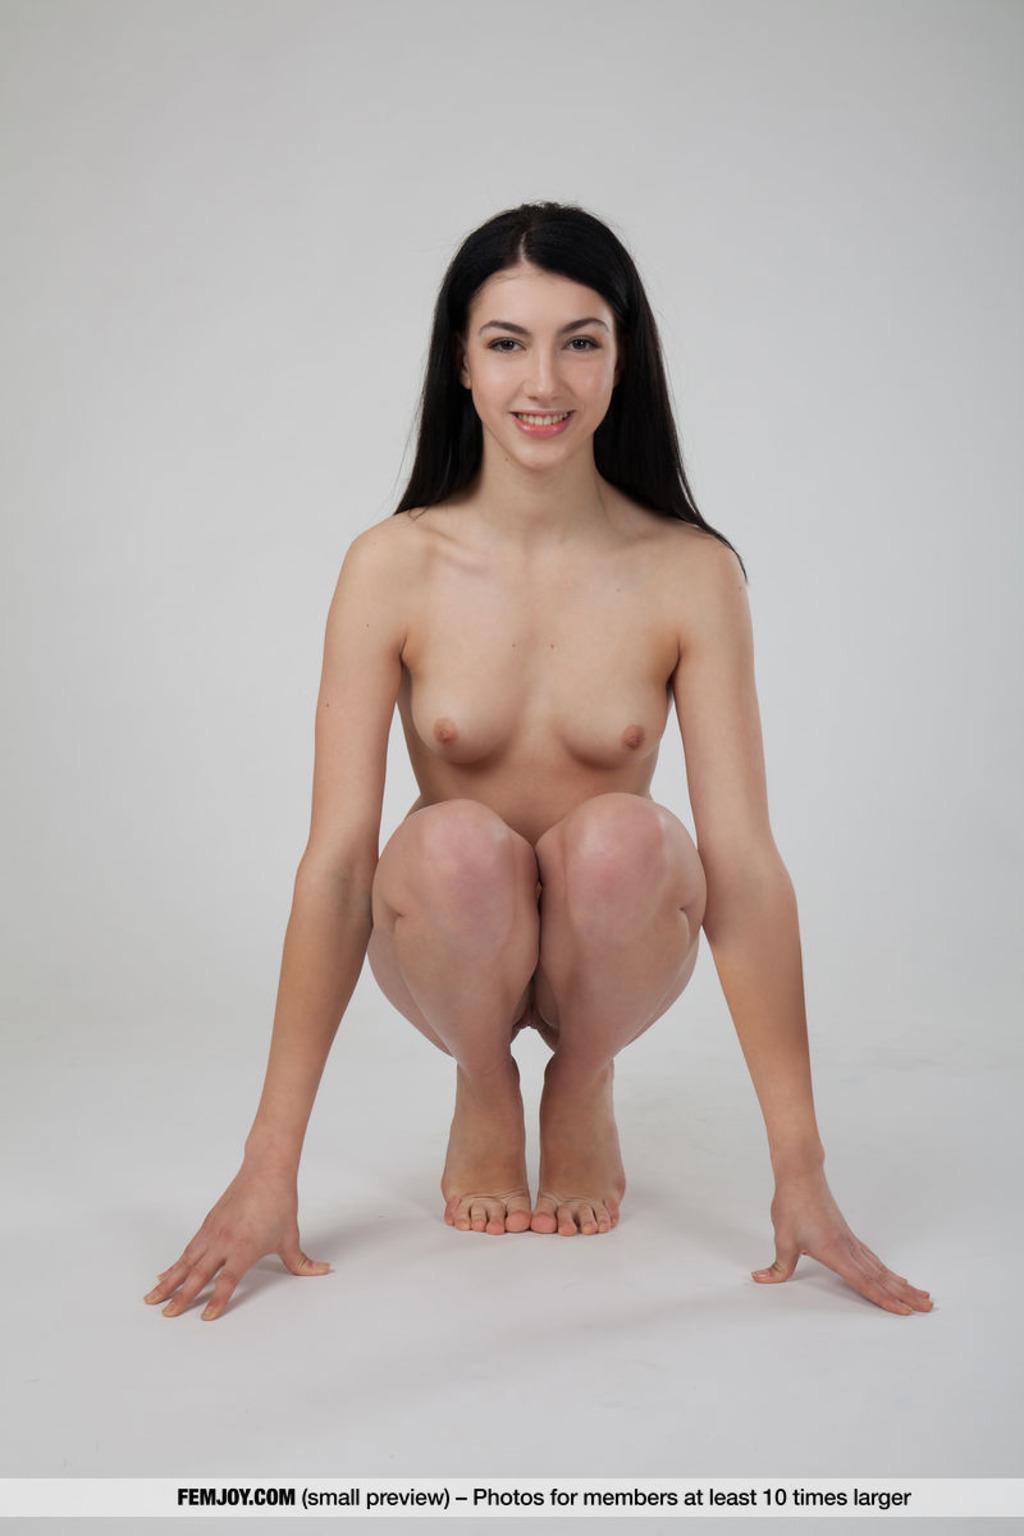 https://content3.wantedbabes.com/femjoy.com/13019/05.jpg